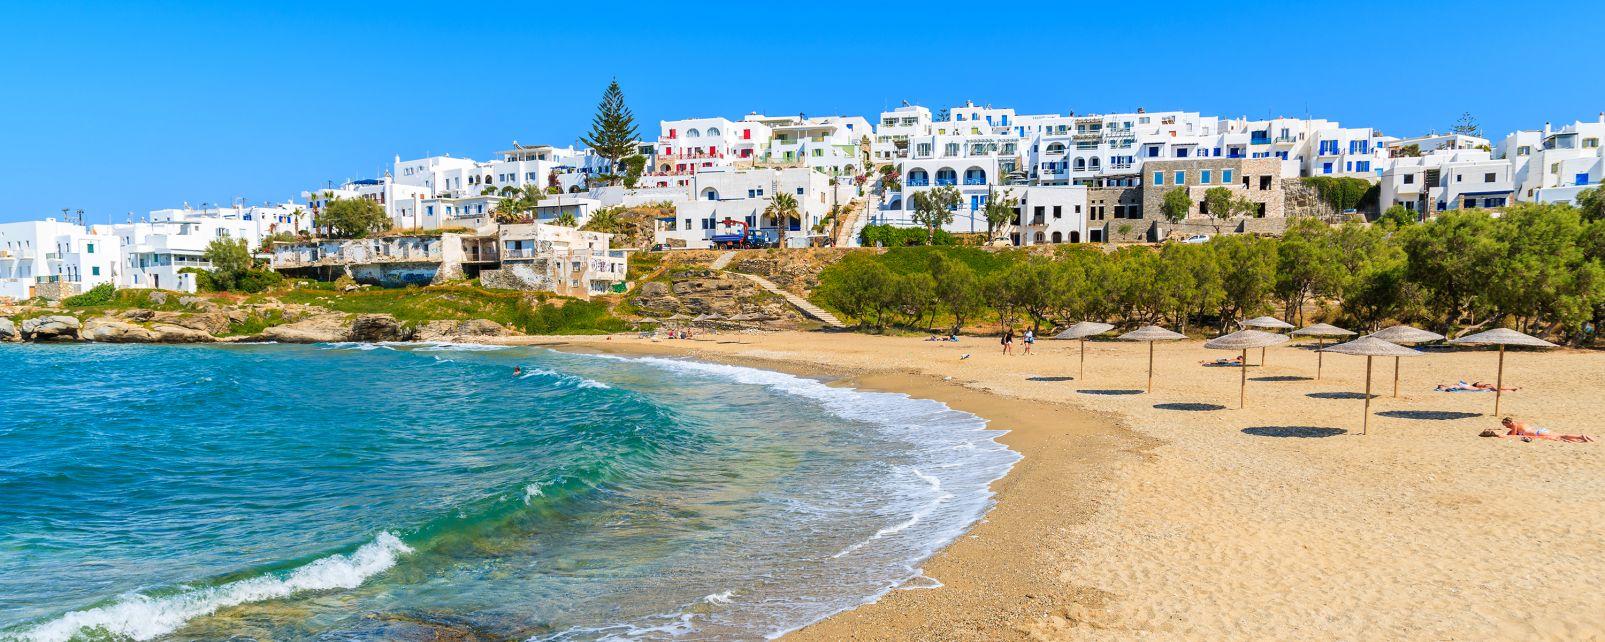 Paros, Cyclades, Grecia,